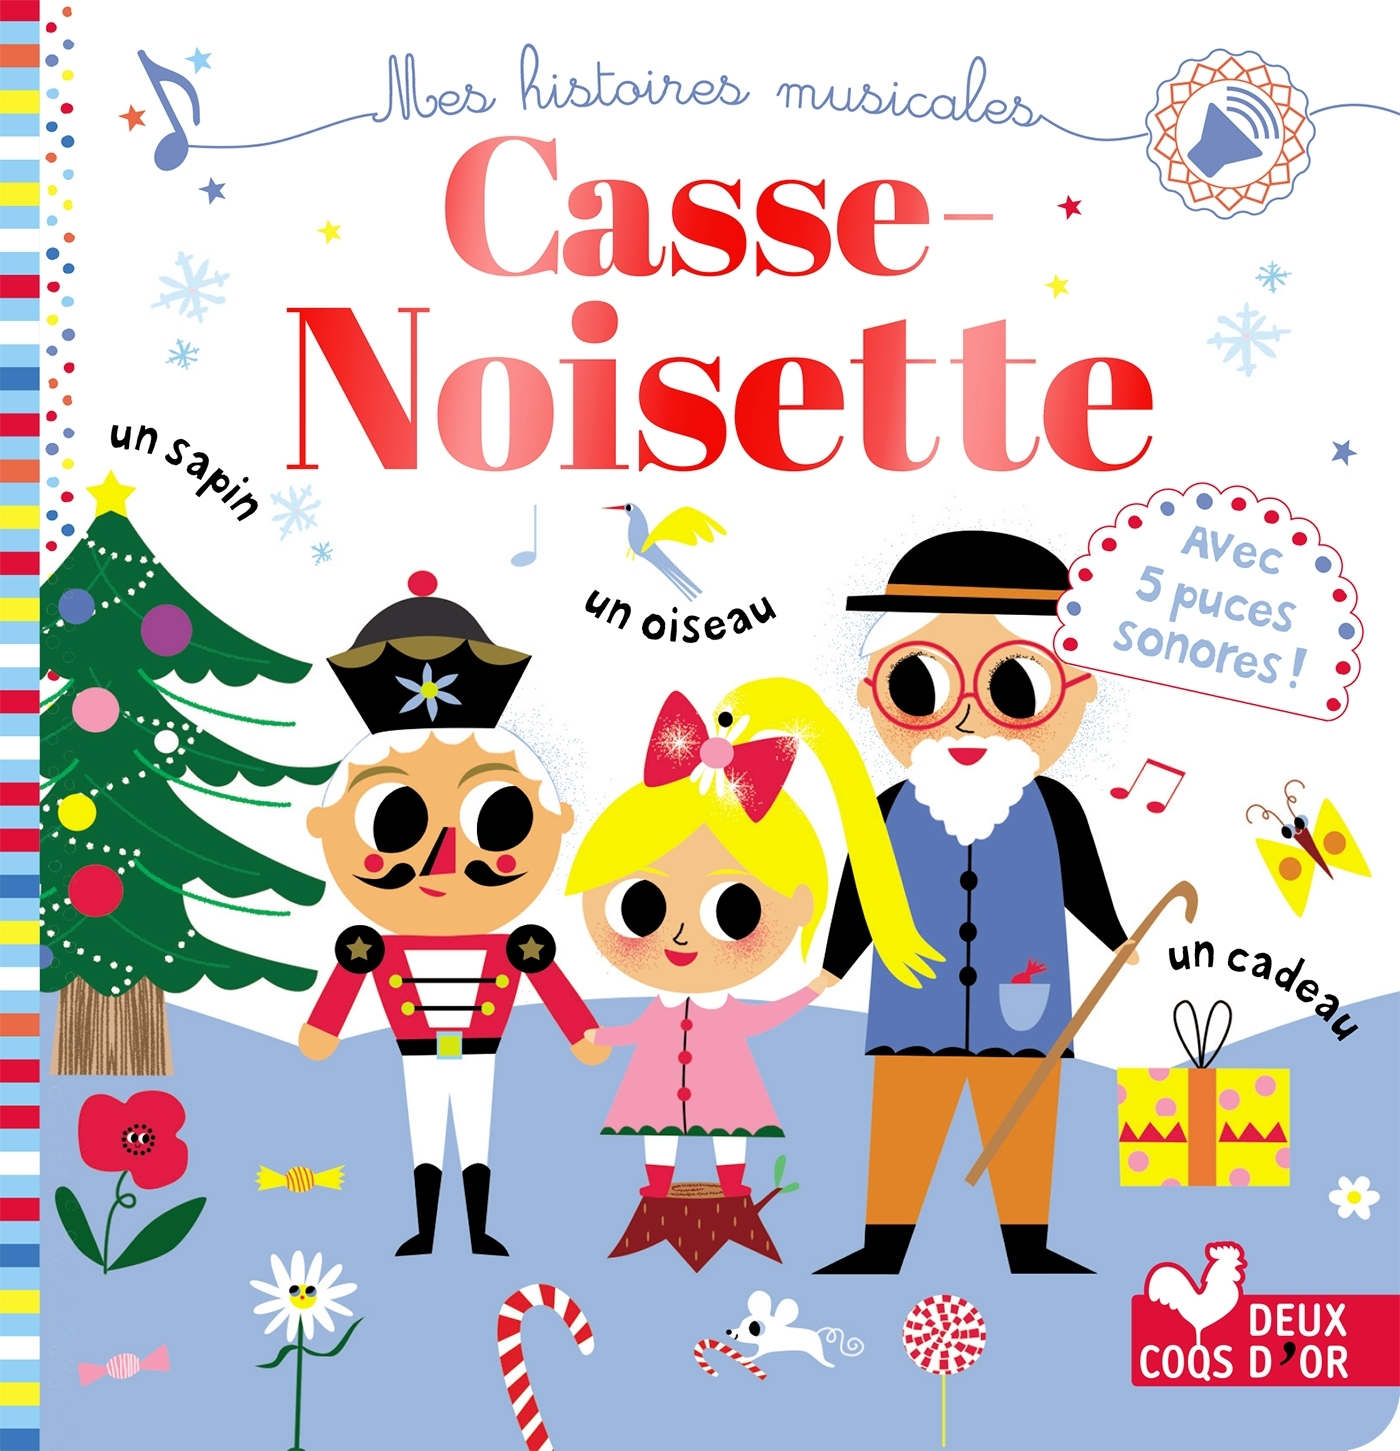 CASSE NOISETTE - LIVRE SONORE